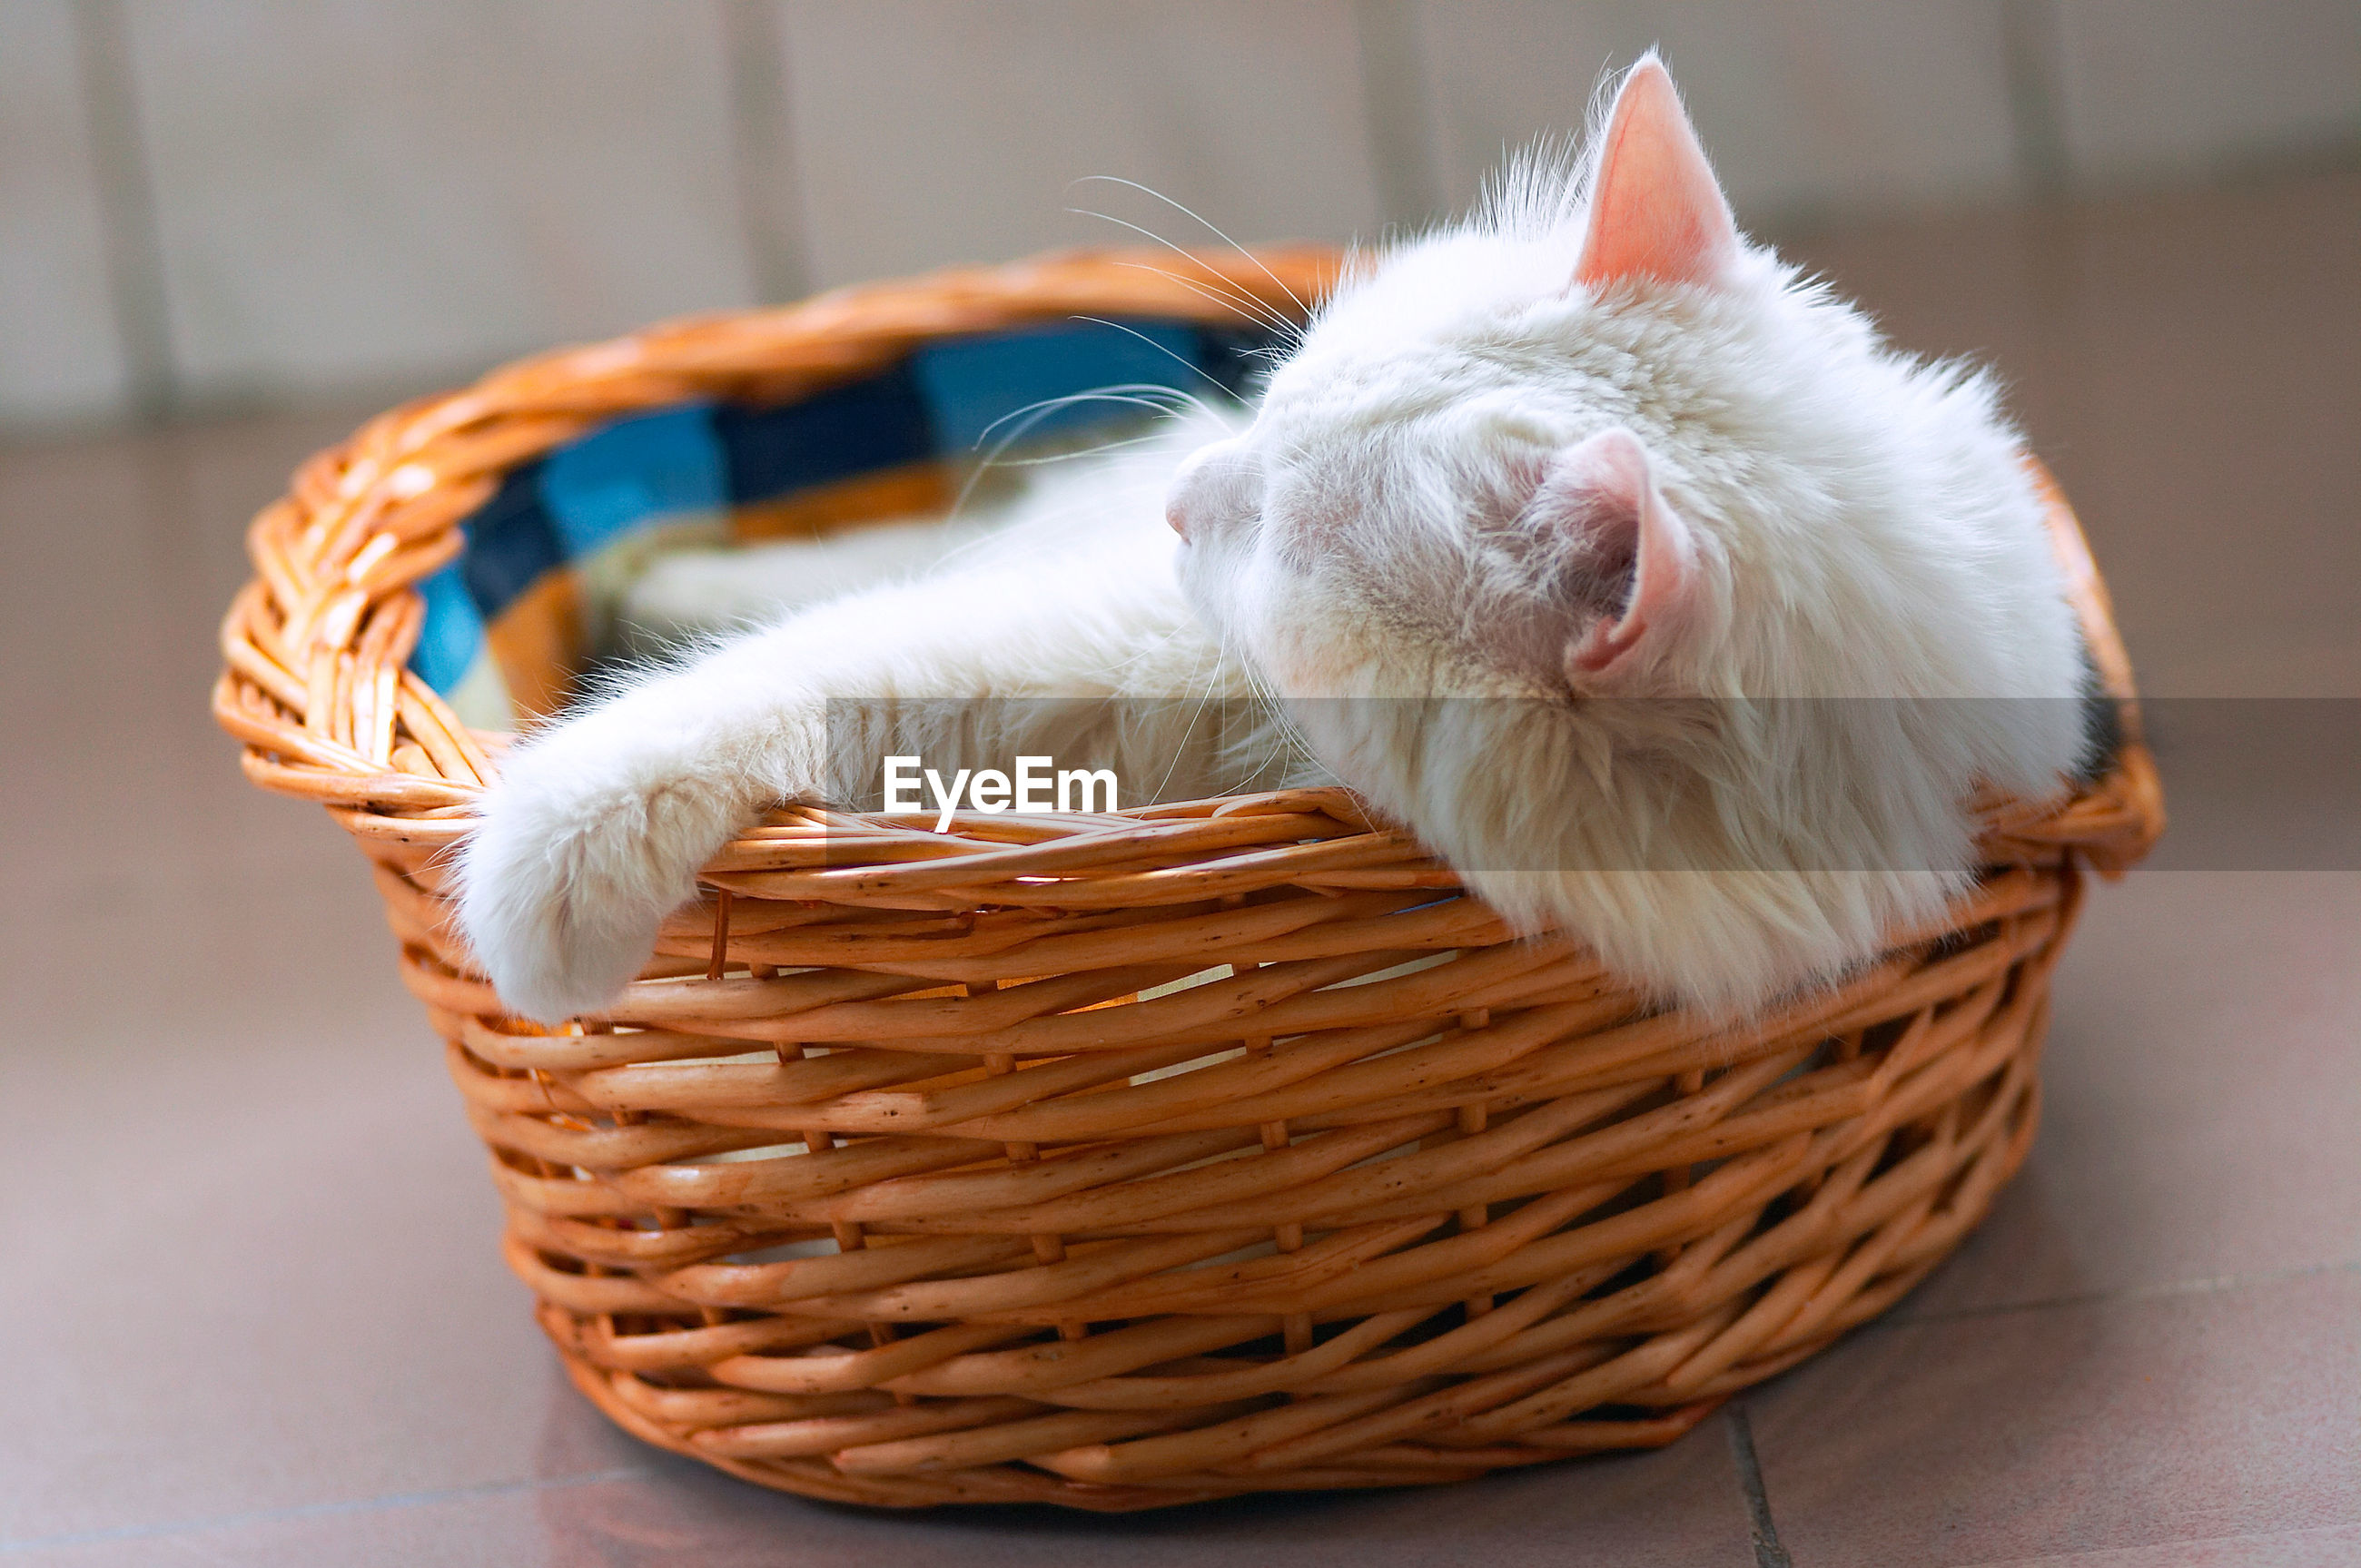 View of cat sleeping in basket